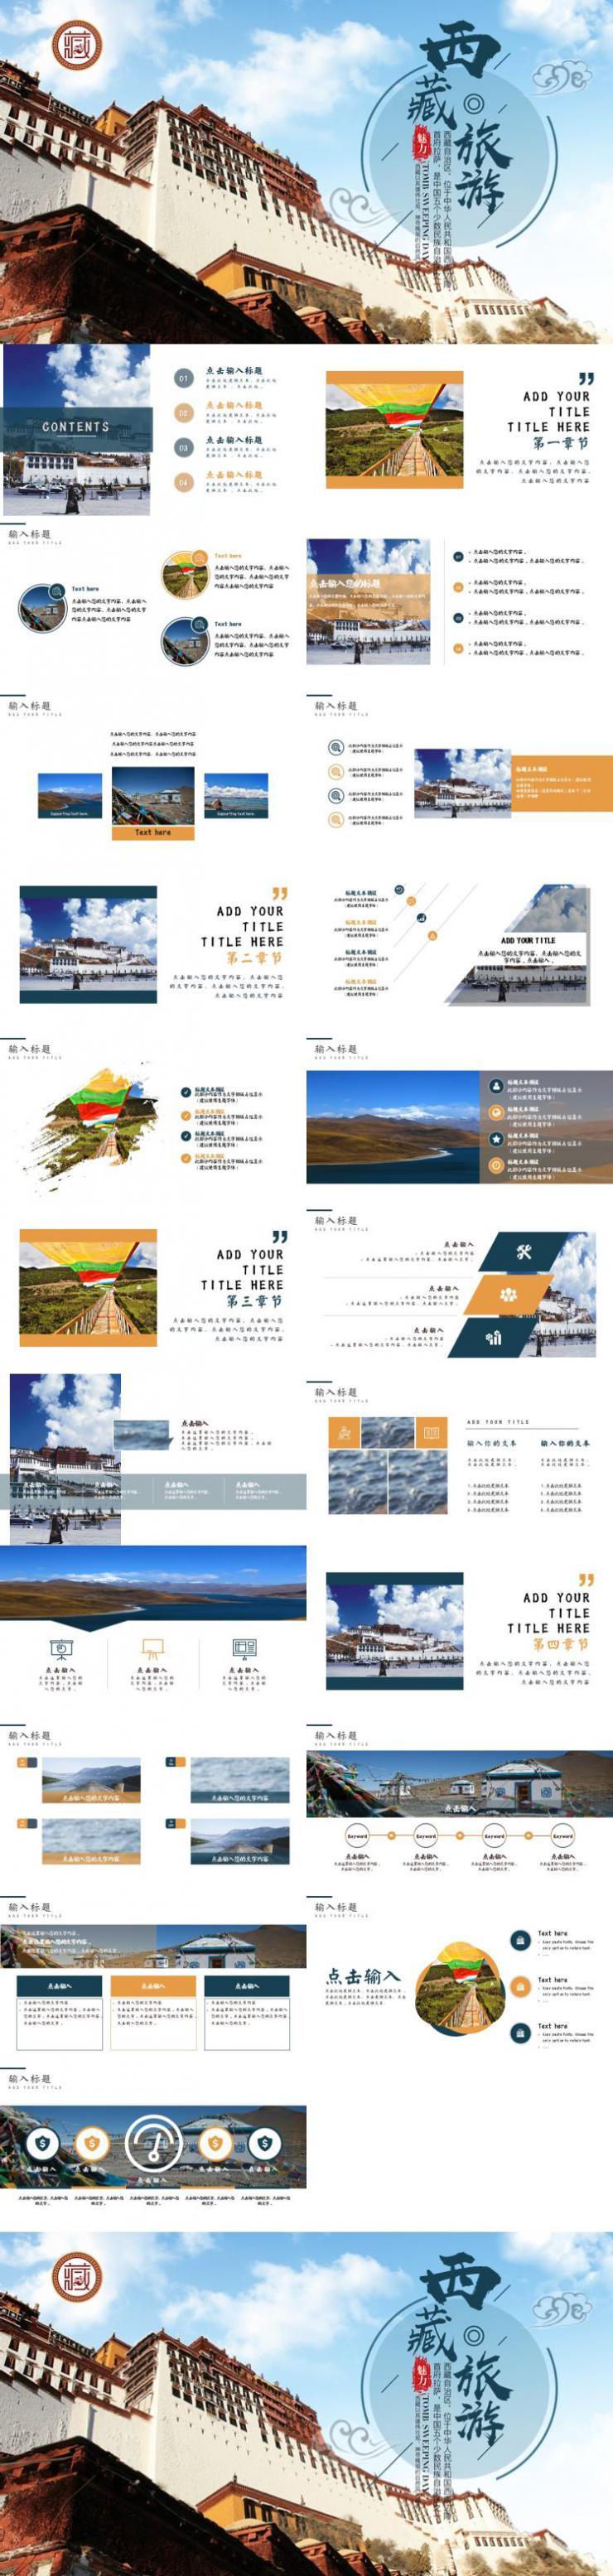 最新西藏旅游PPT源文件模板下载